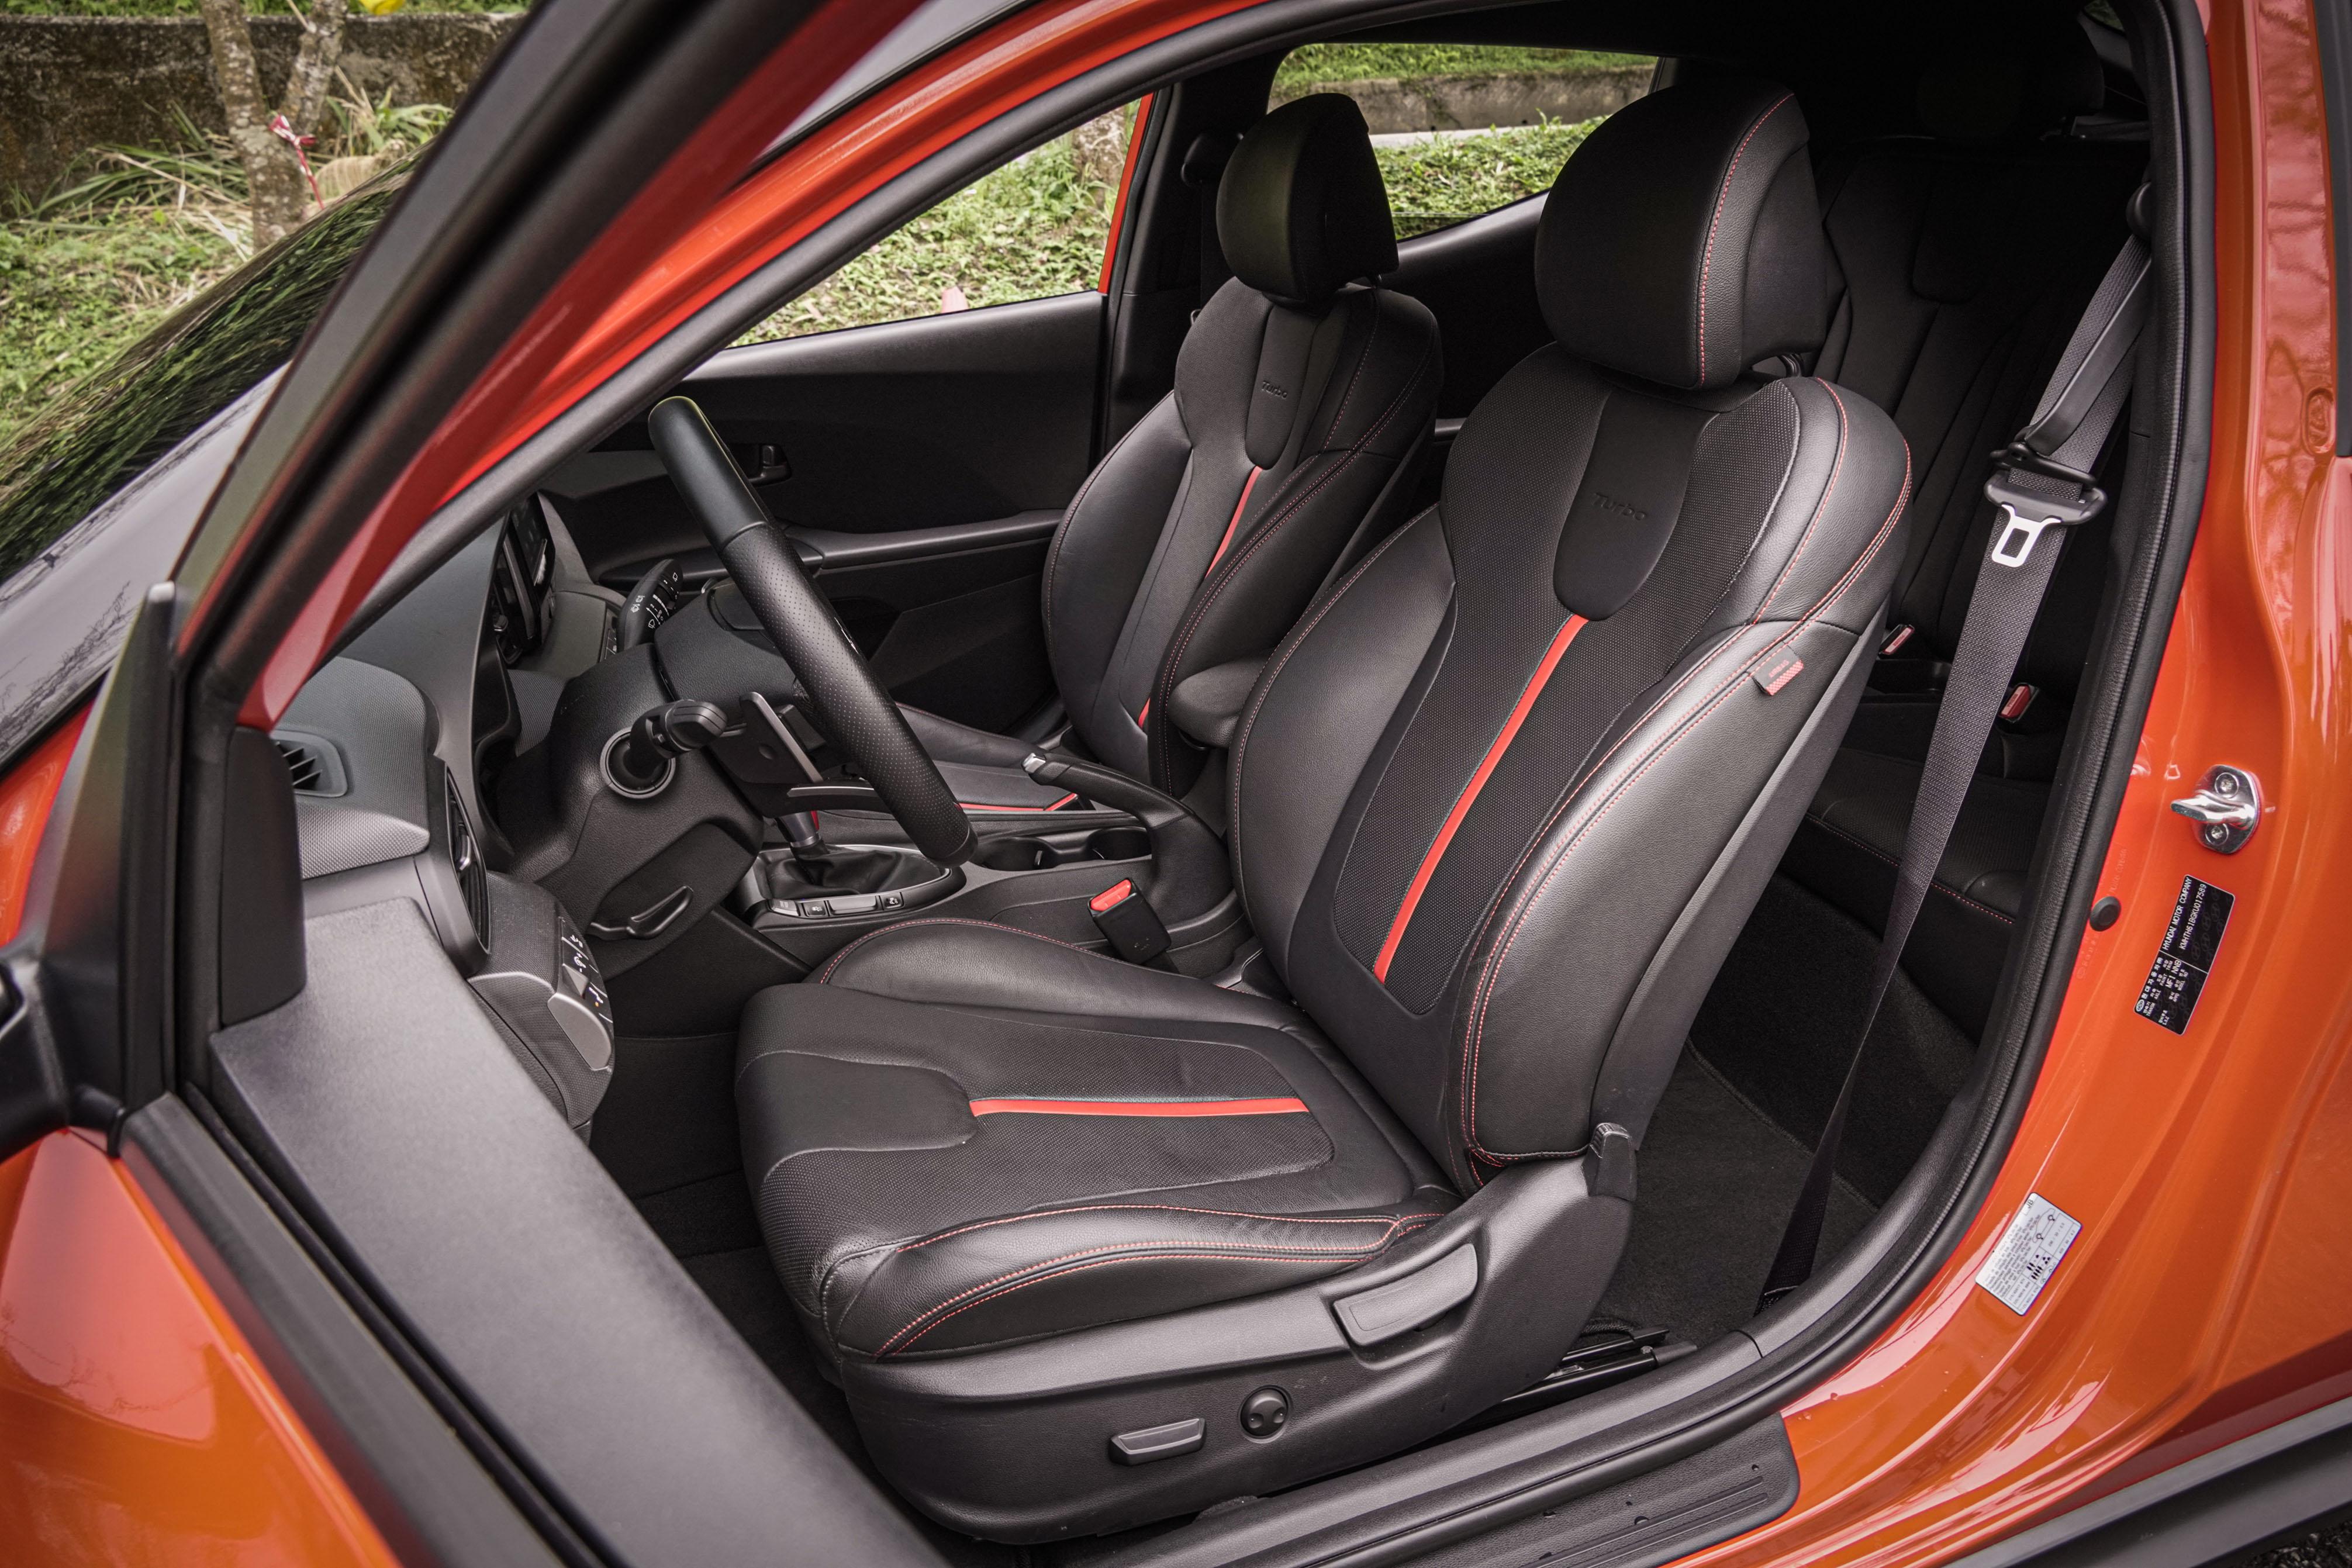 駕駛座提供八向電動調整,筒型座椅側向支撐稍嫌不足。